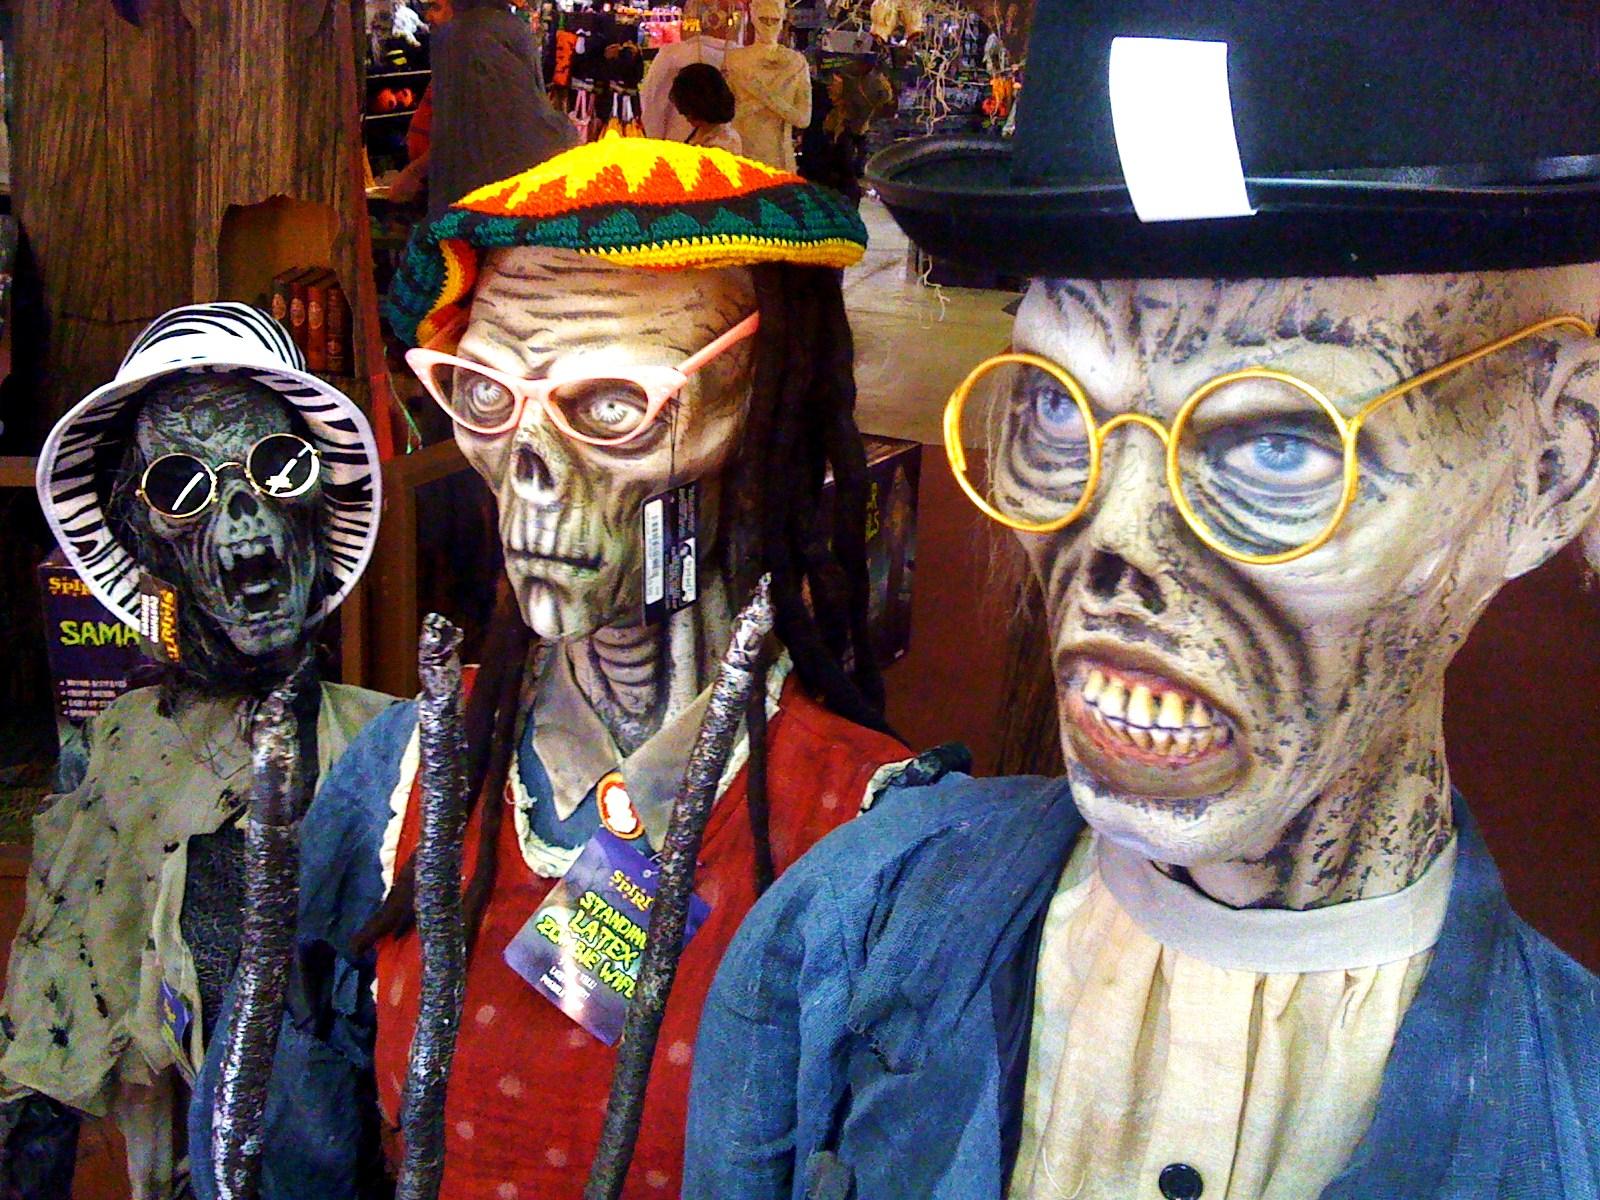 spirit halloween store – around carson